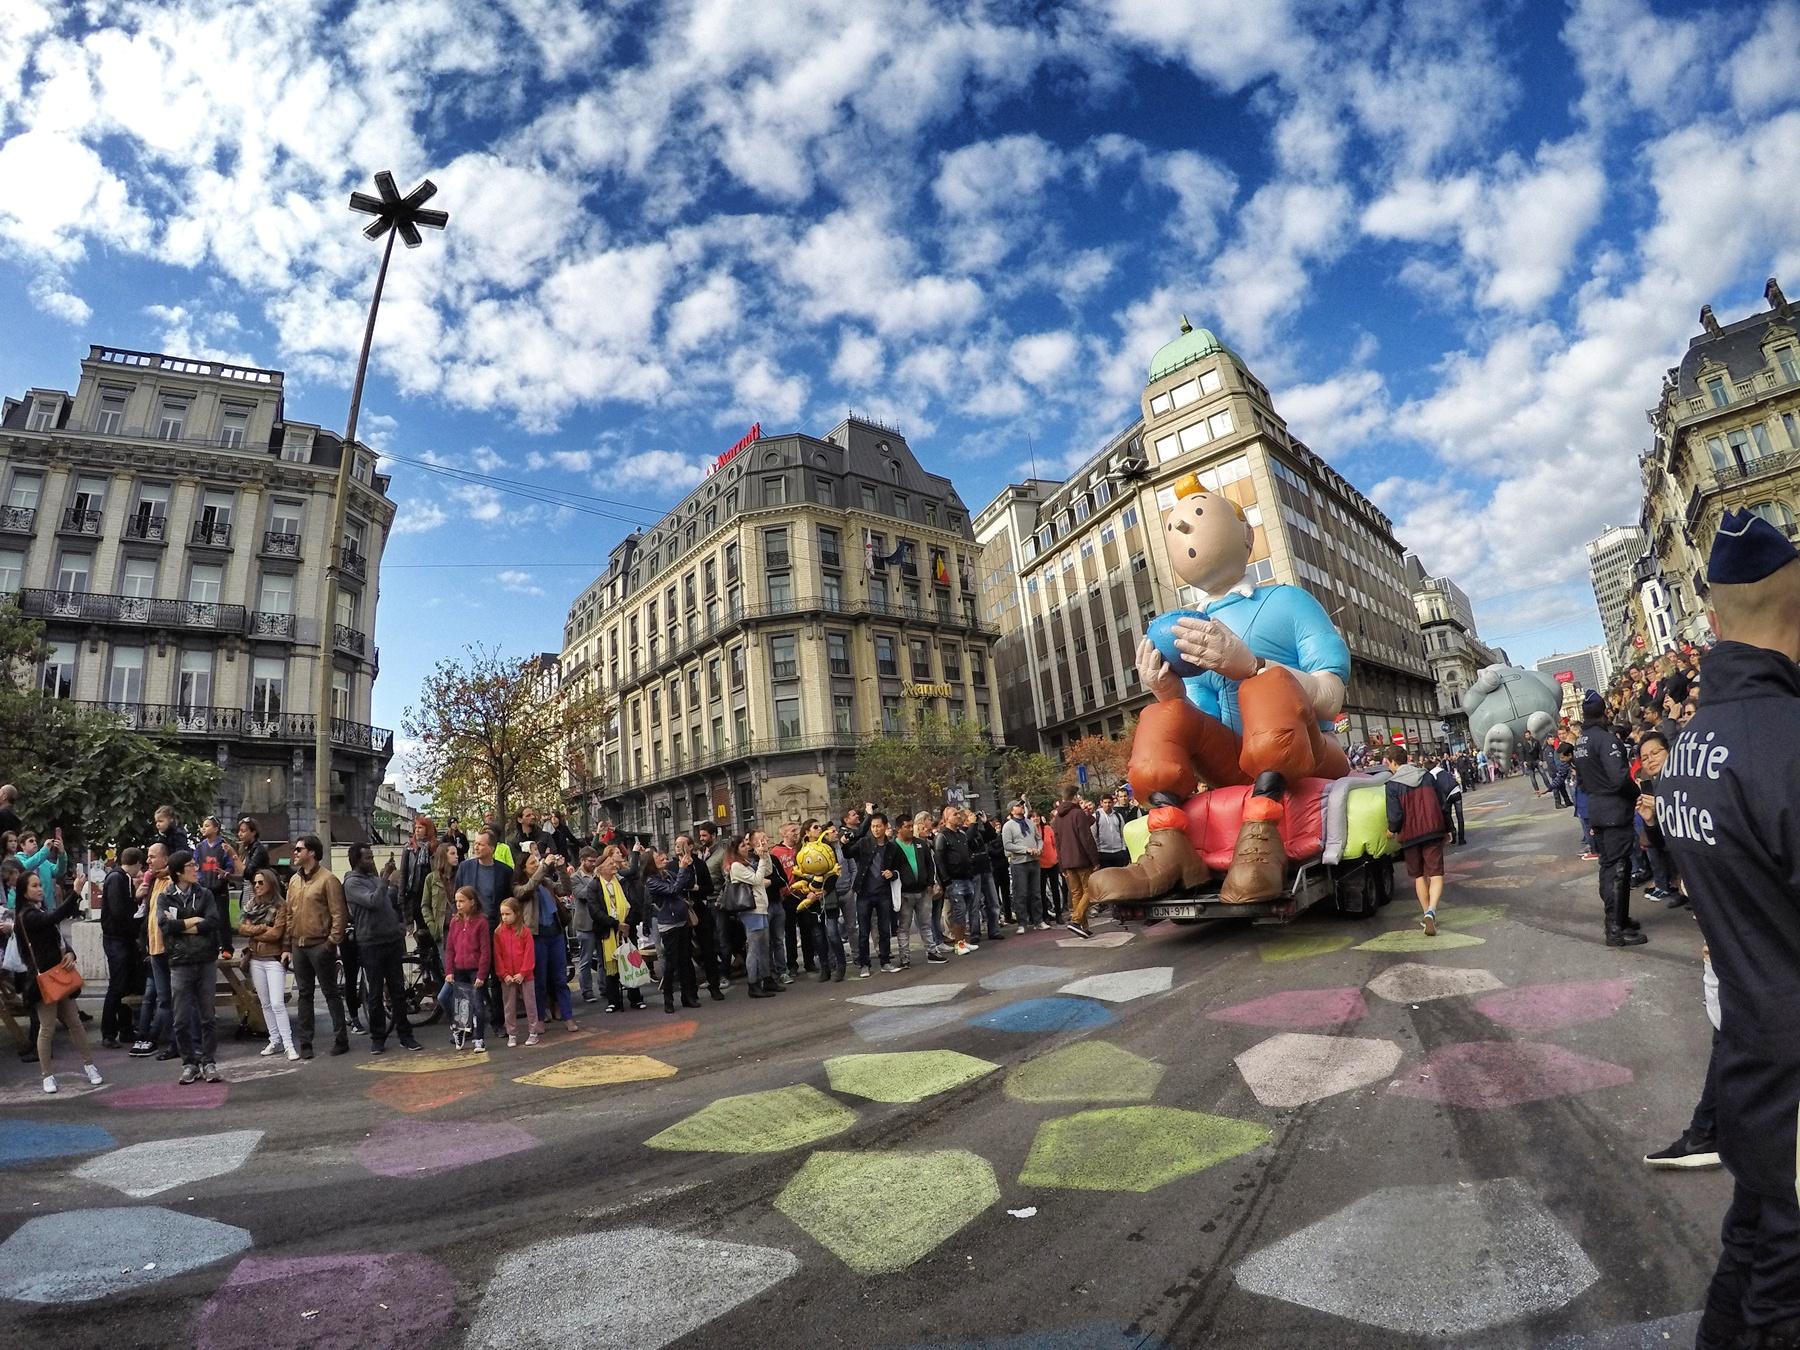 卡通人物大庆典 摄于:布鲁塞尔 来自游记:欧洲小环行-丹麦-德国-荷兰